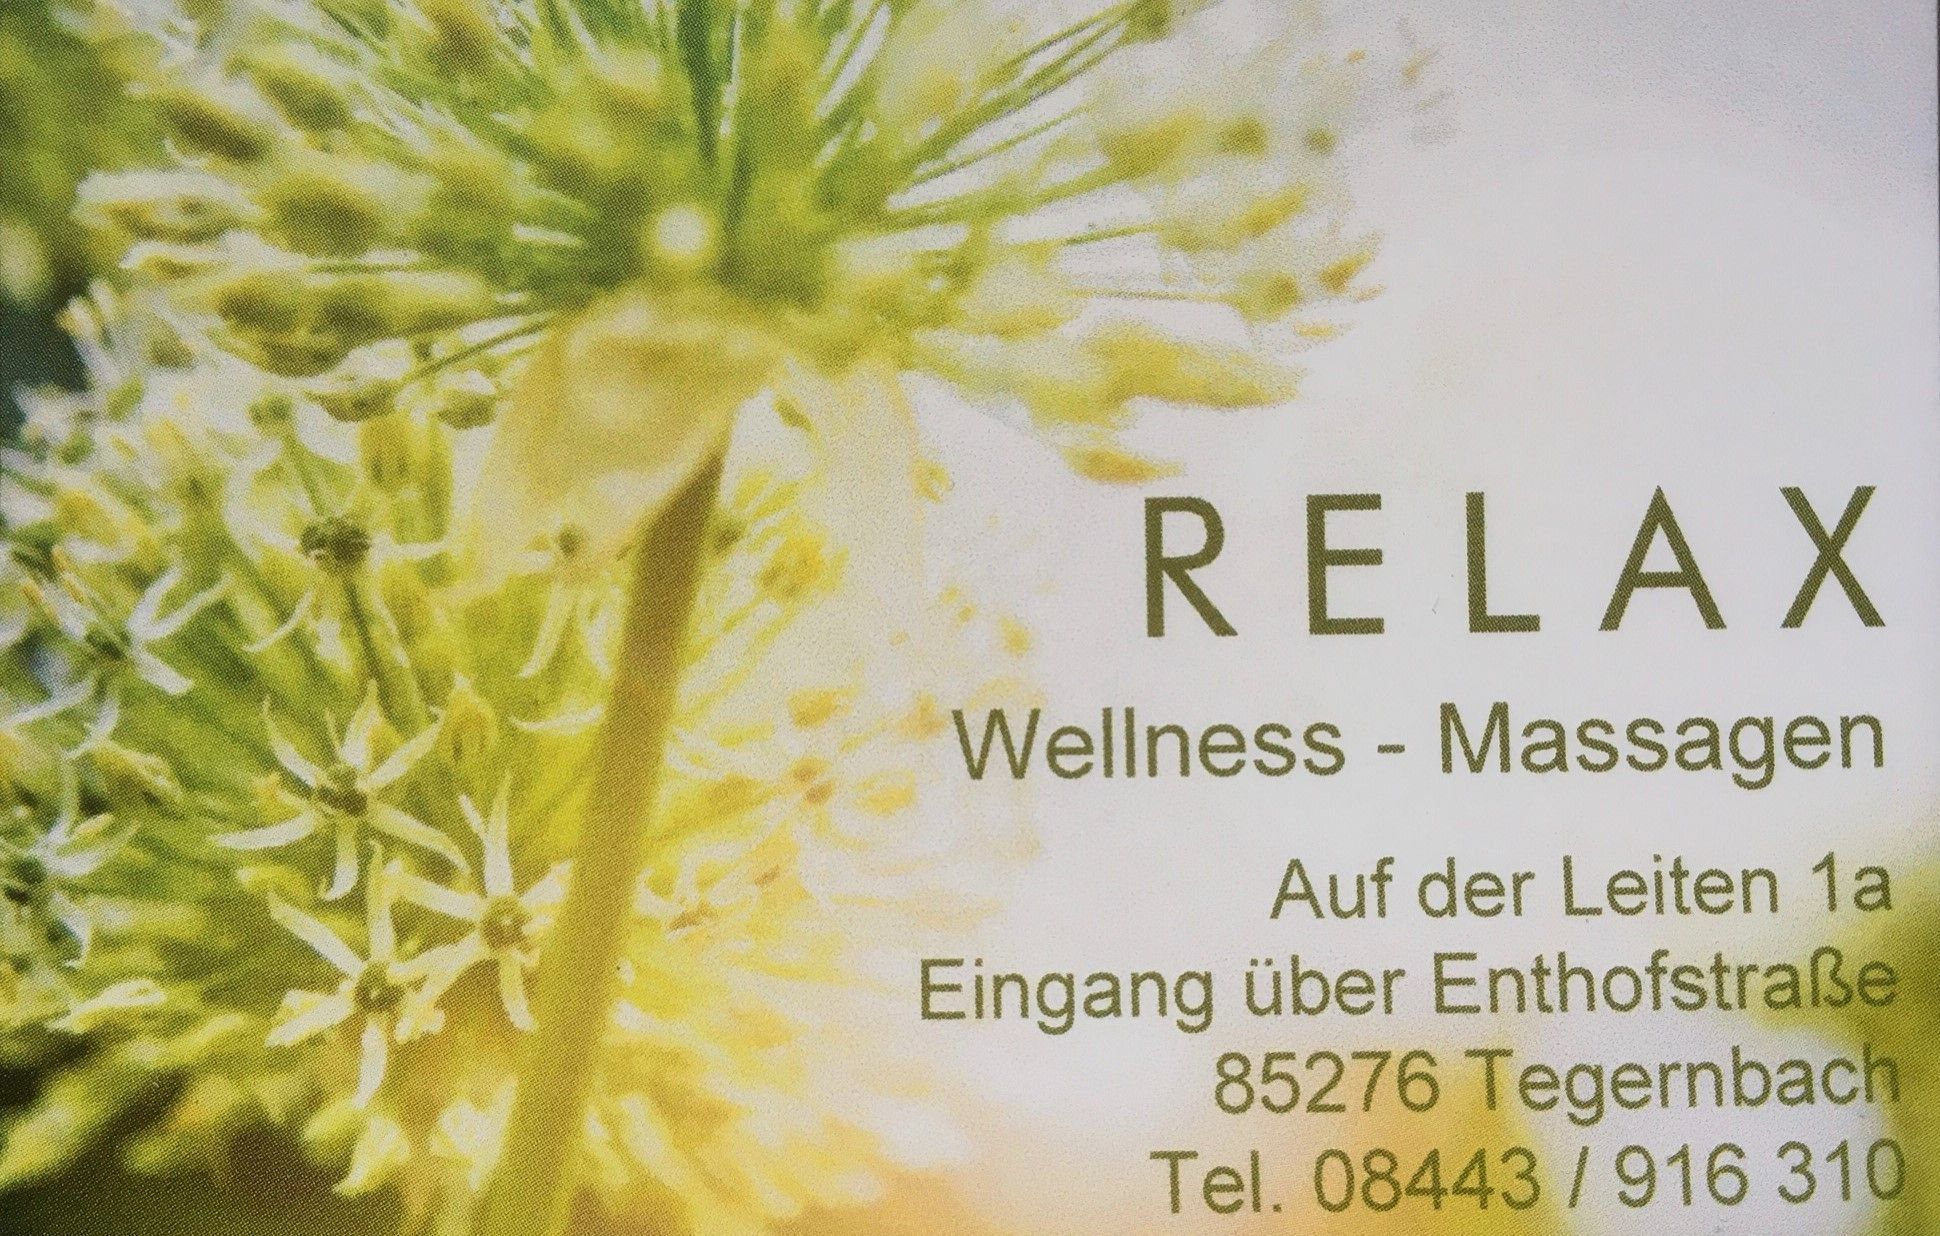 RELAX Wellness-Massagen Tegernbach